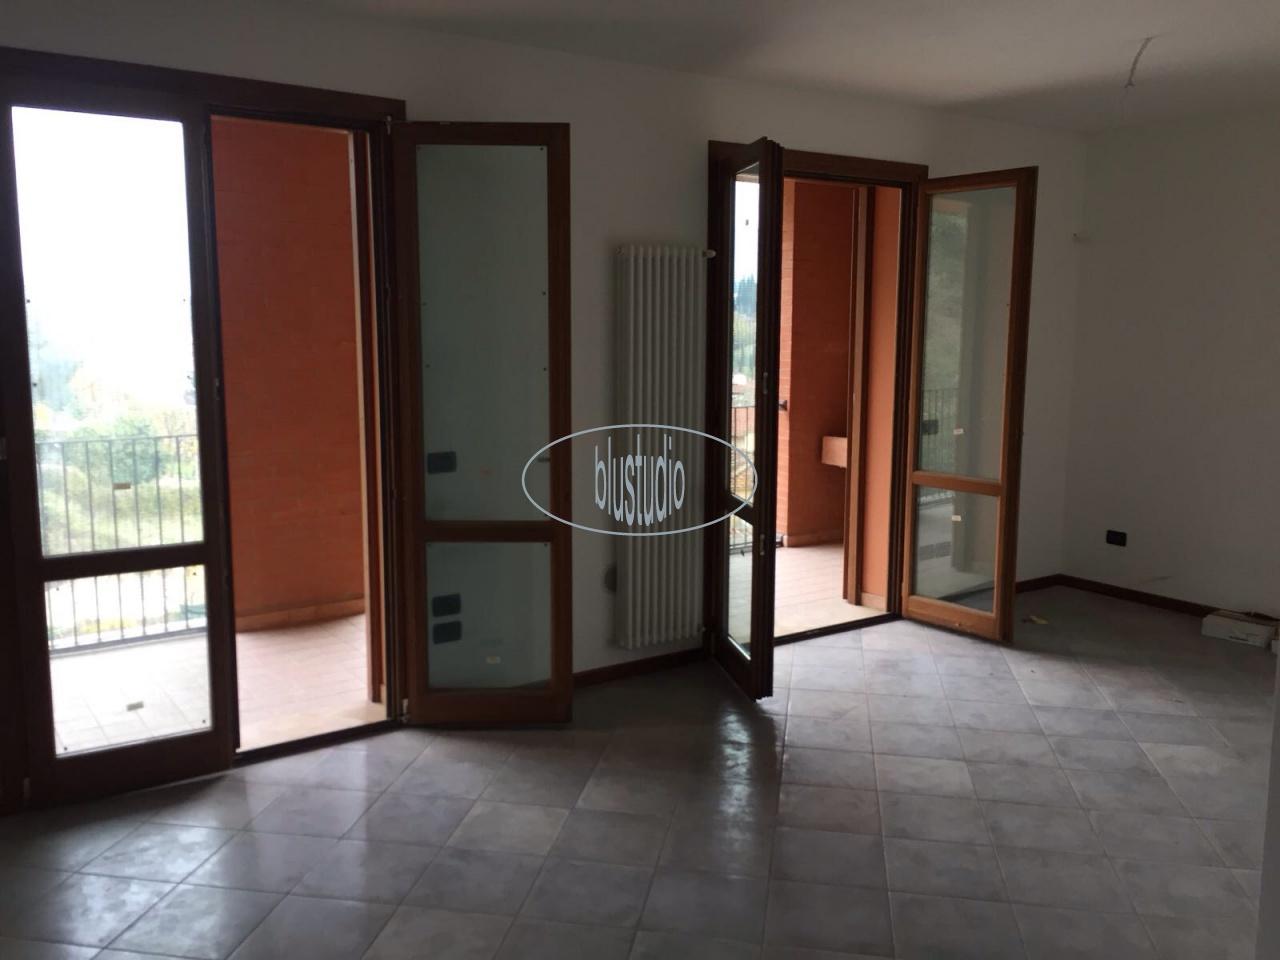 Appartamento in vendita a Figline e Incisa Valdarno, 1 locali, prezzo € 77.500 | PortaleAgenzieImmobiliari.it